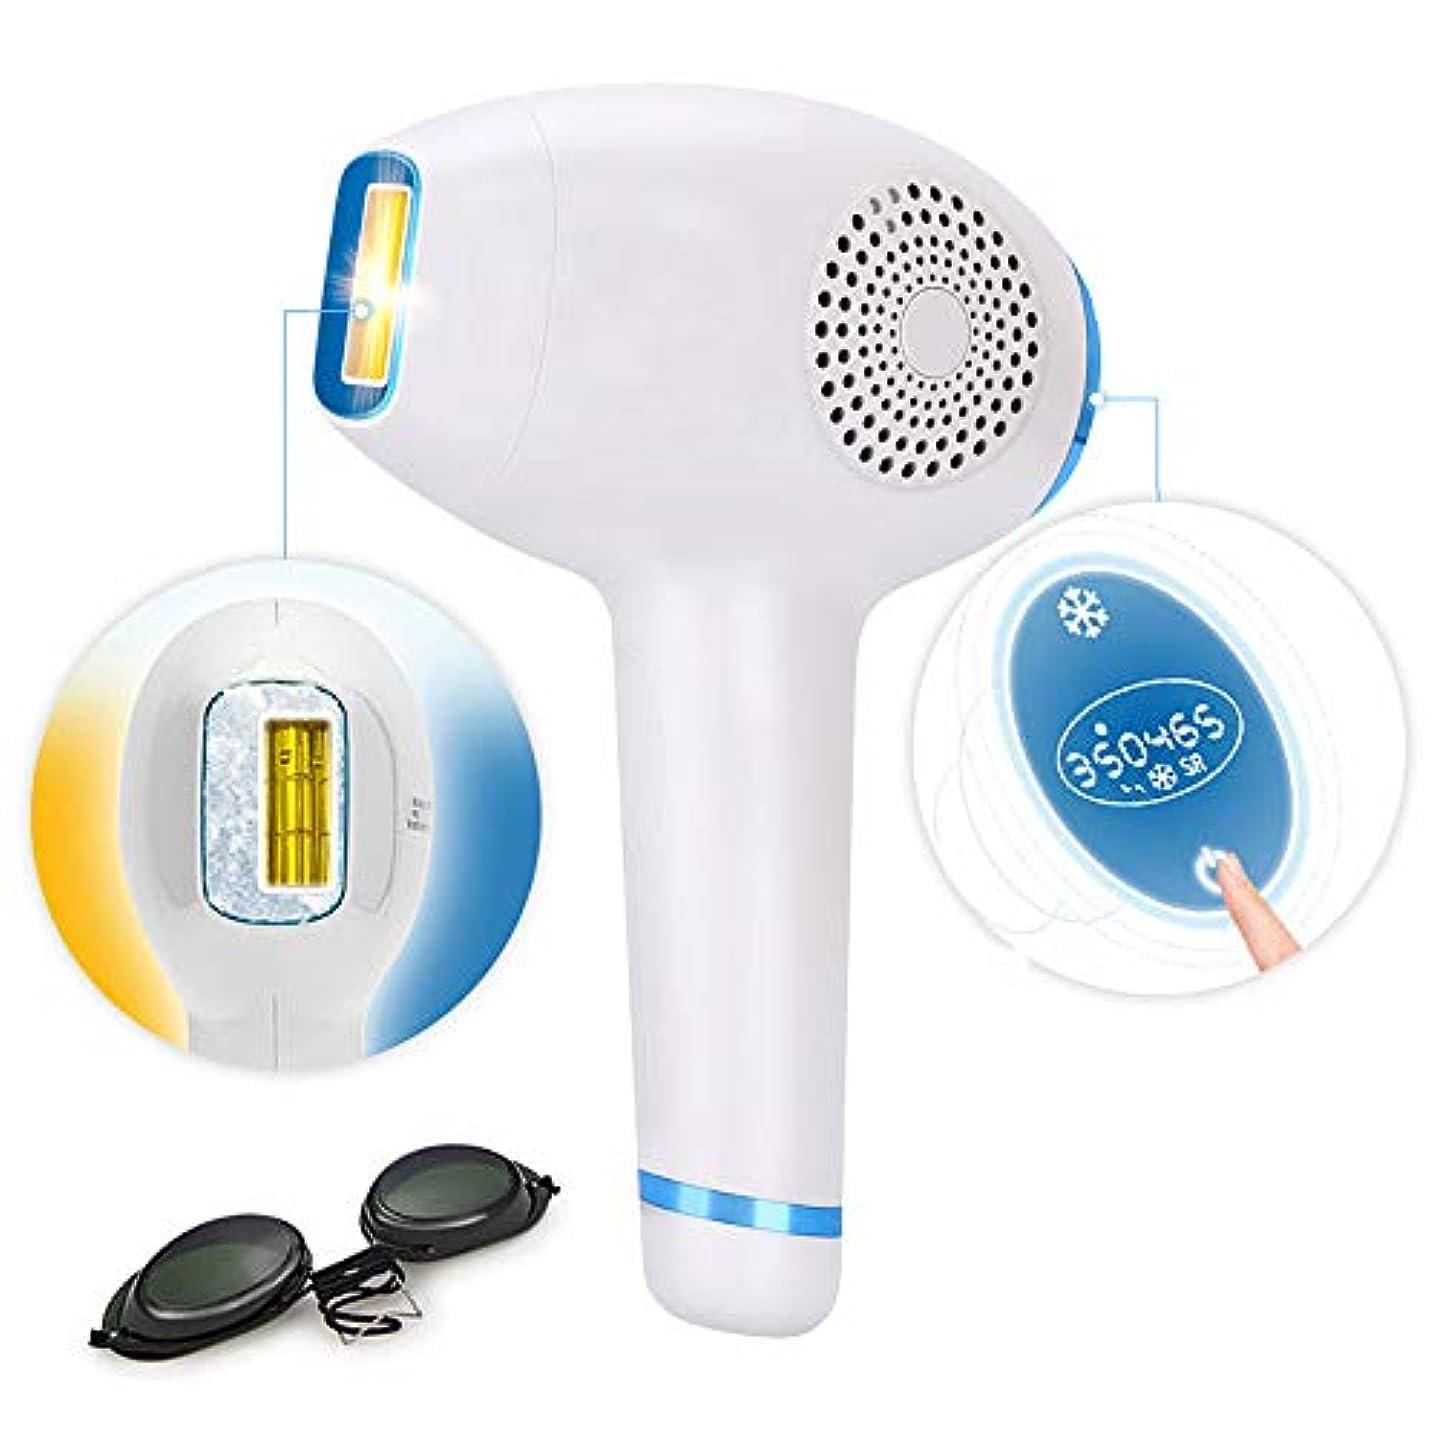 放置増強雰囲気1つのIPLの毛の取り外しシステムに付き3つ、永久的な冷たい脱毛器、痛みのない永久的な毛の取り外し、家のためのレーザービキニトリマー電気